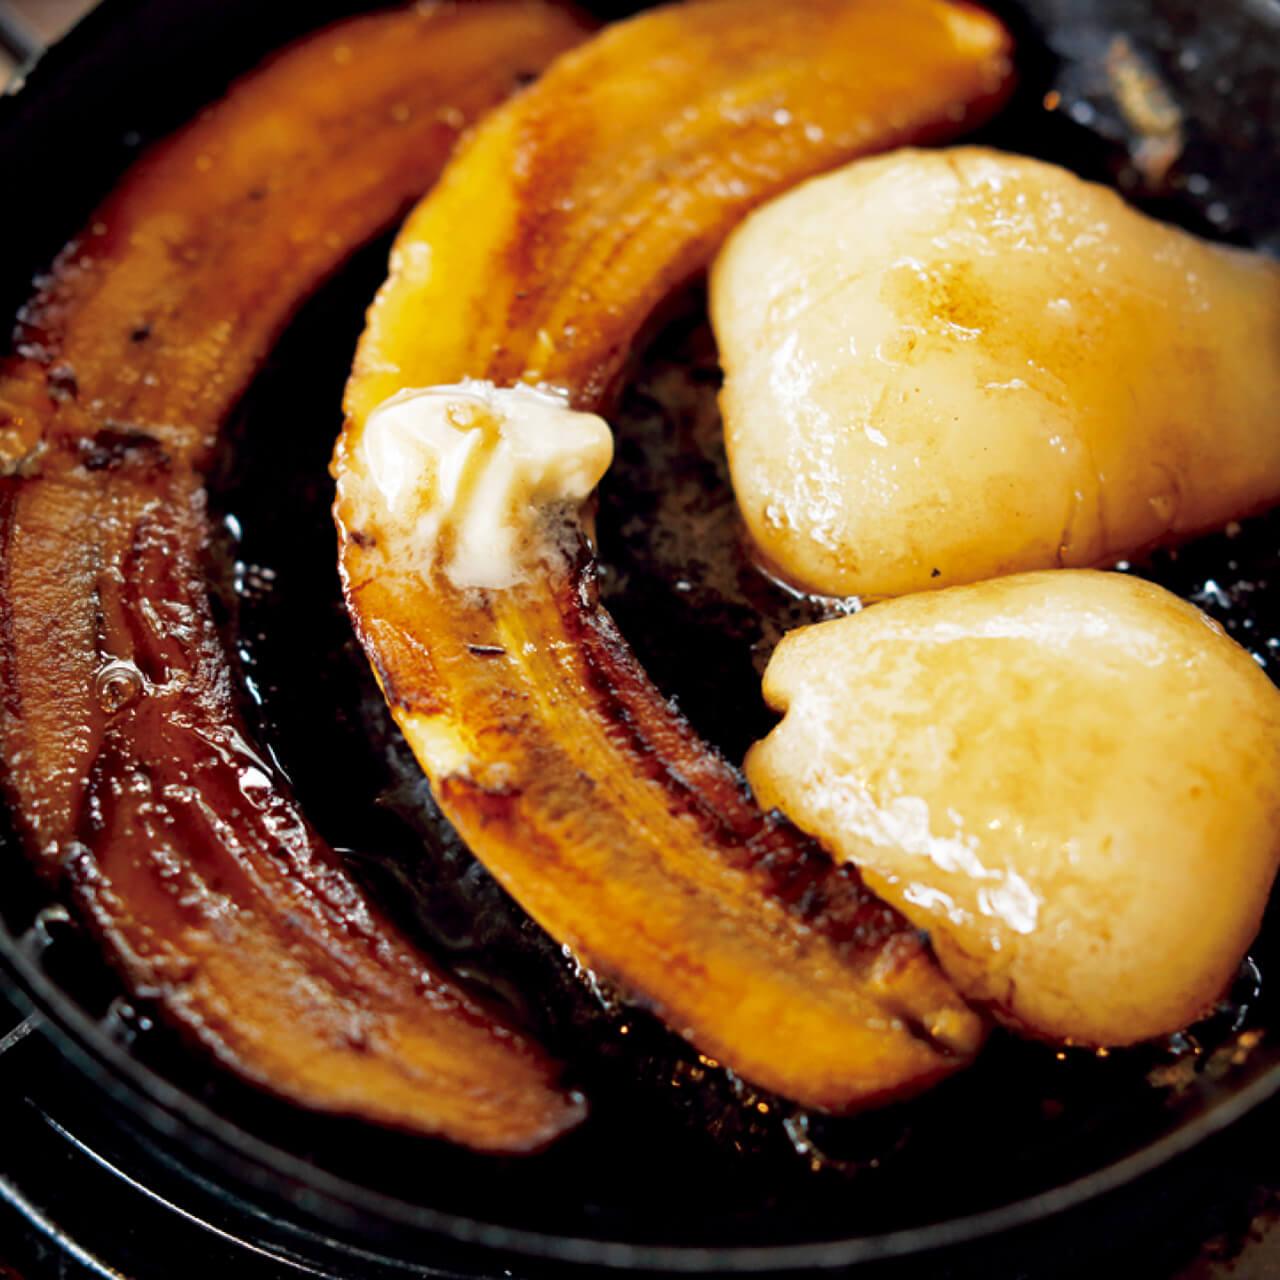 「バナナと洋梨のフランベ」レシピ/ワタナベマキさん